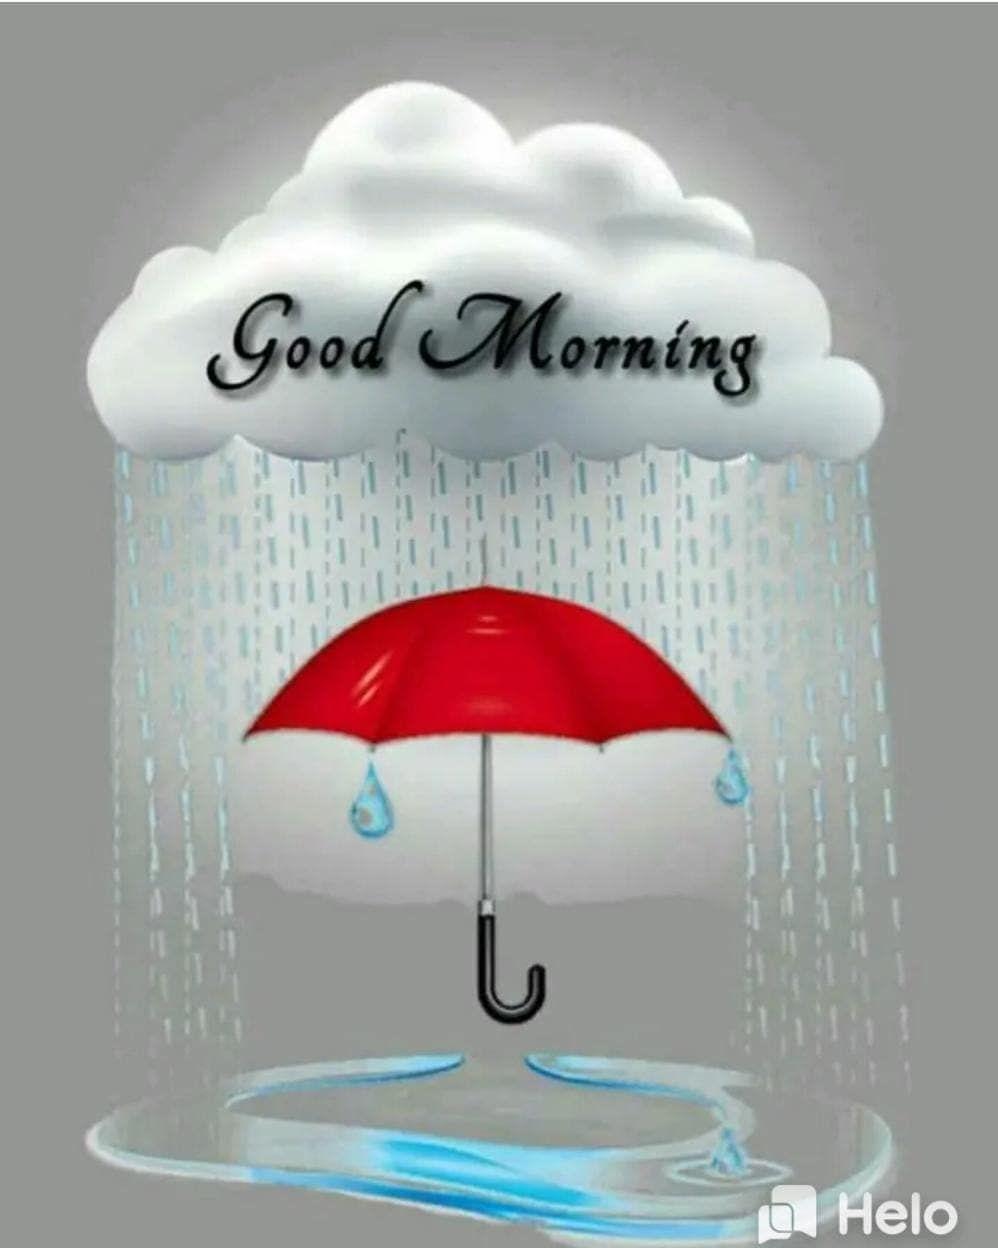 Tumblr   Good morning quotes, Good morning rainy day, Good morning ...